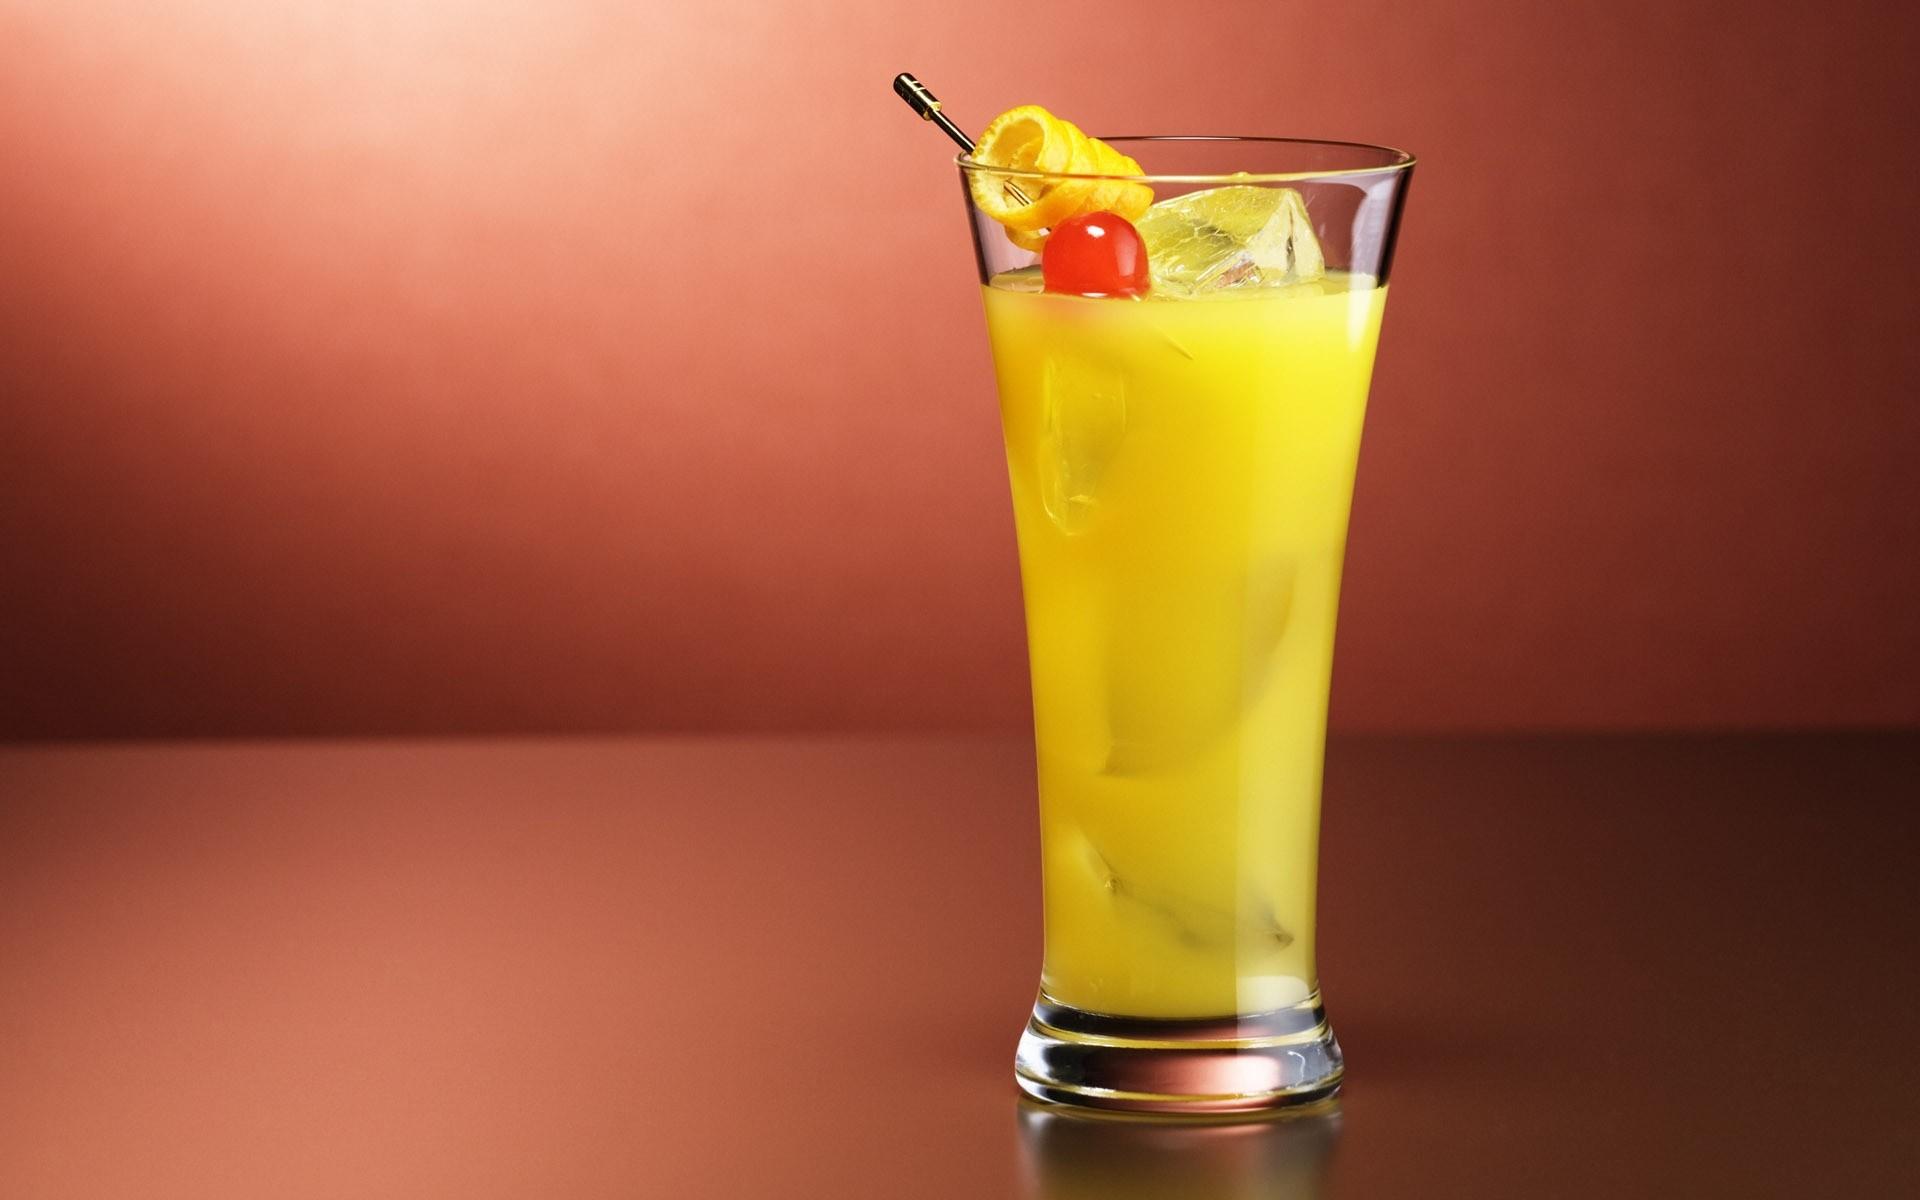 Vodka con jugo de naranja - 1920x1200